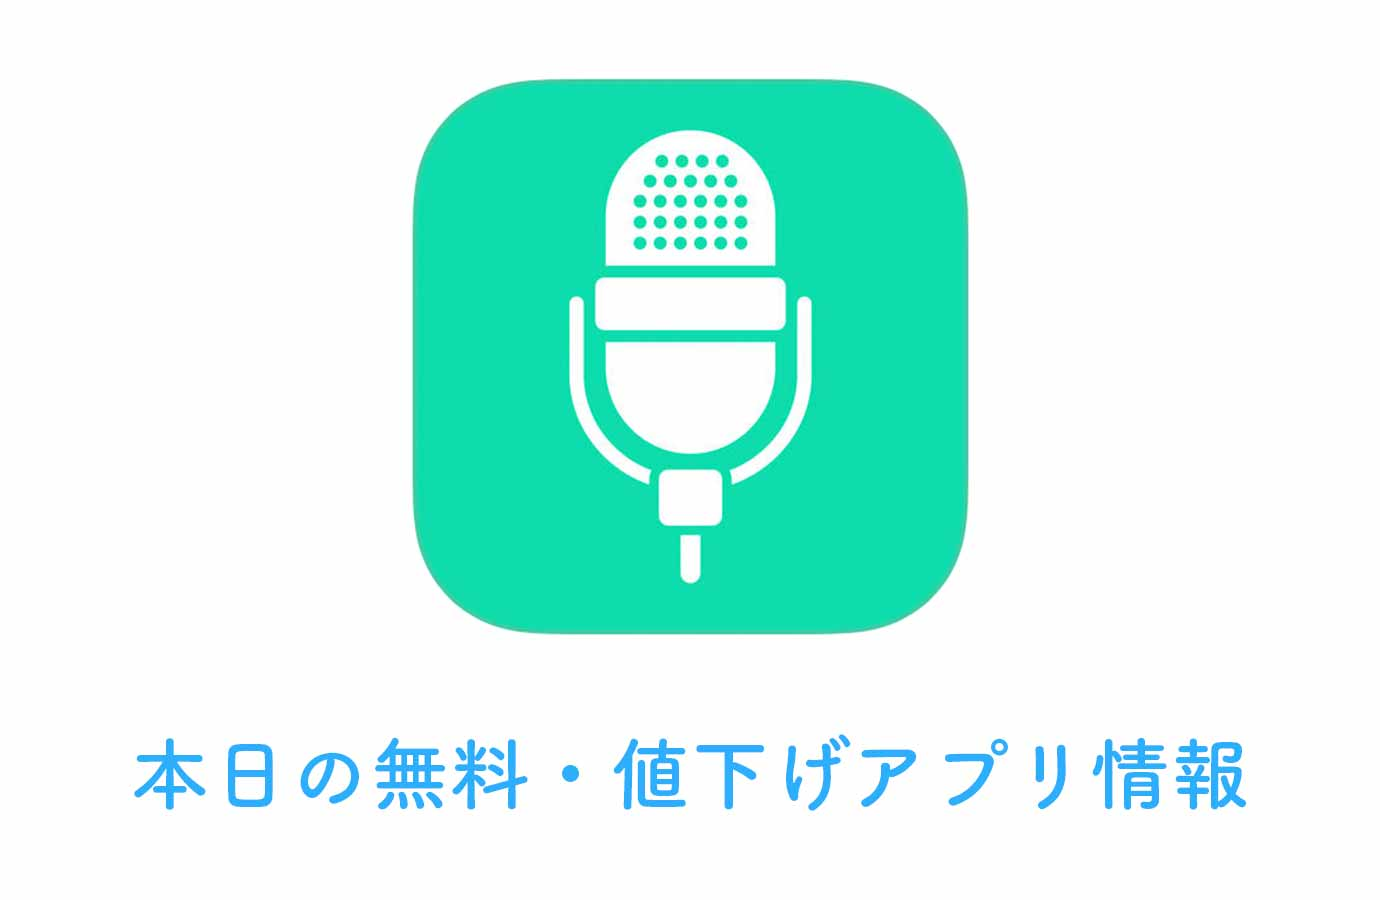 1,200円→無料、音声を認識してテキストに変換してくれる「アクティブボイス」など【5/12】本日の無料・値下げアプリ情報